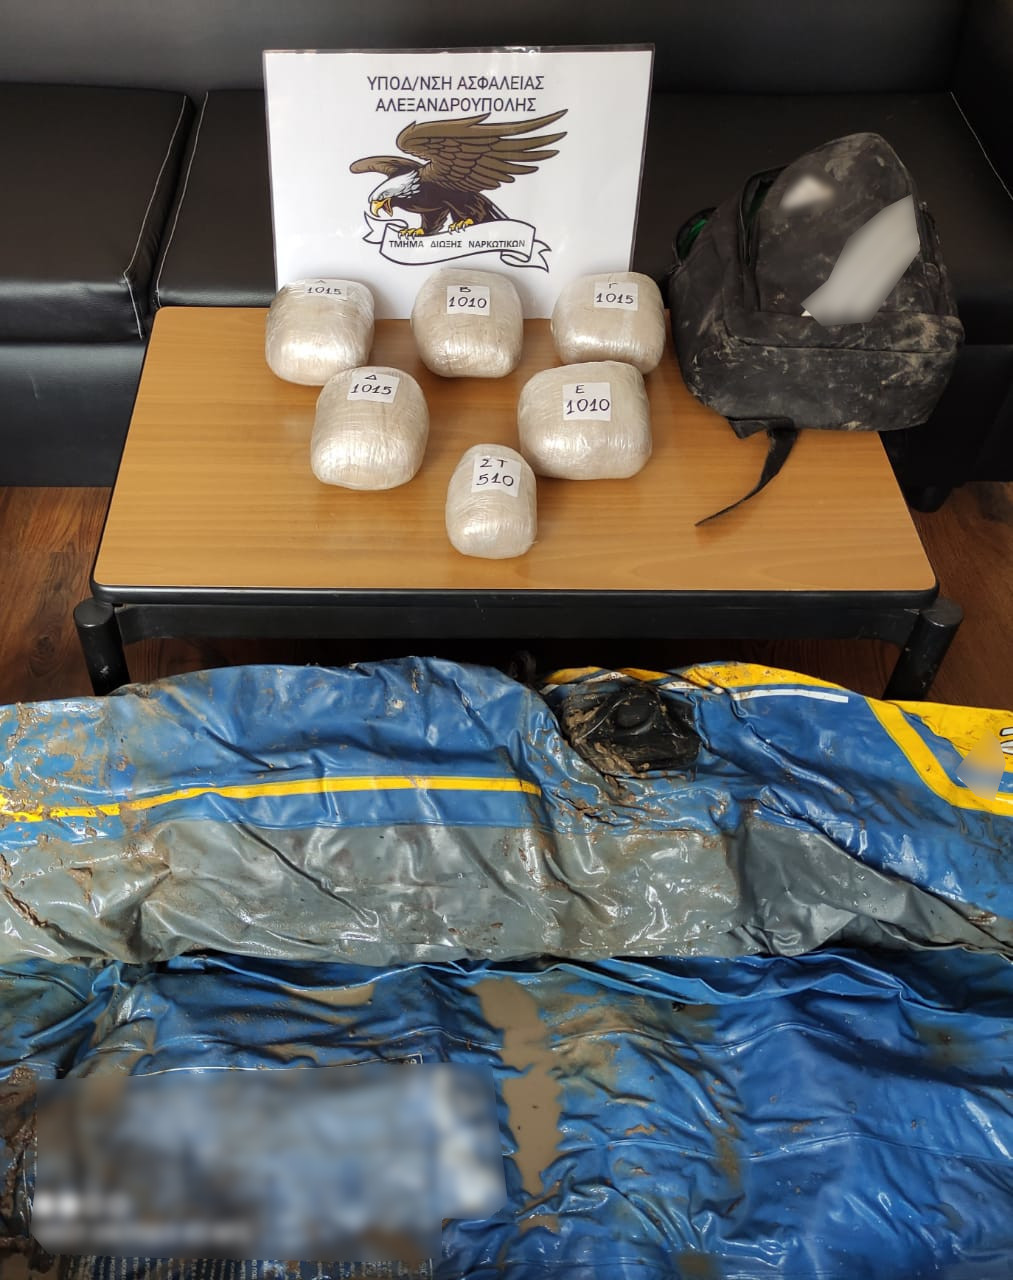 Θράκη: Διέσχισαν παράνομα τον Έβρο με 5,5 κιλά ηρωίνης